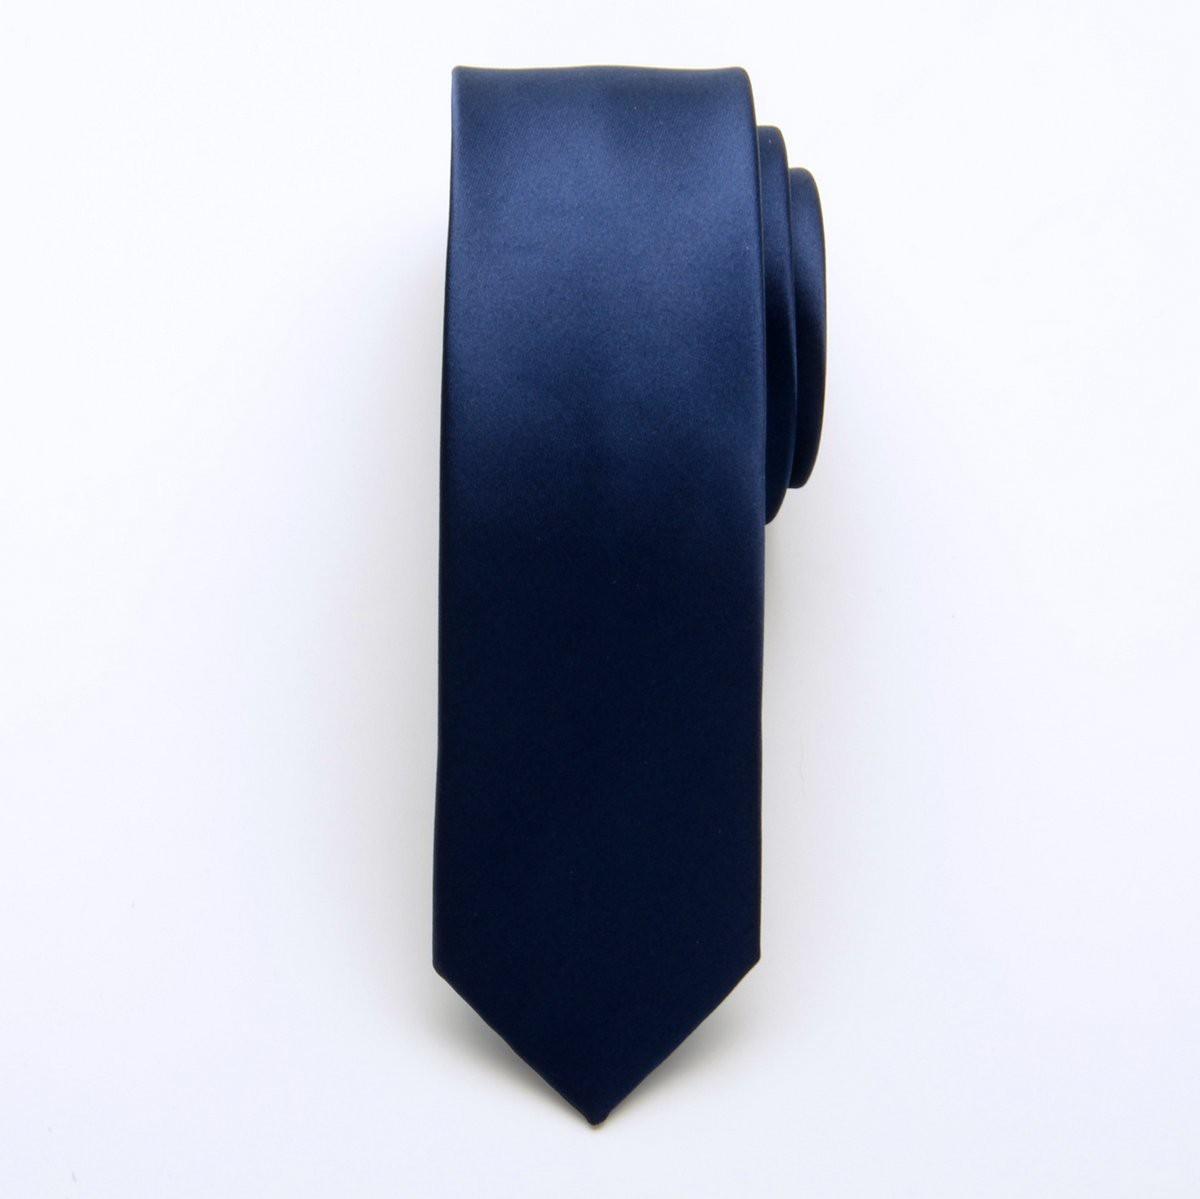 Krawat wąski (wzór 632)